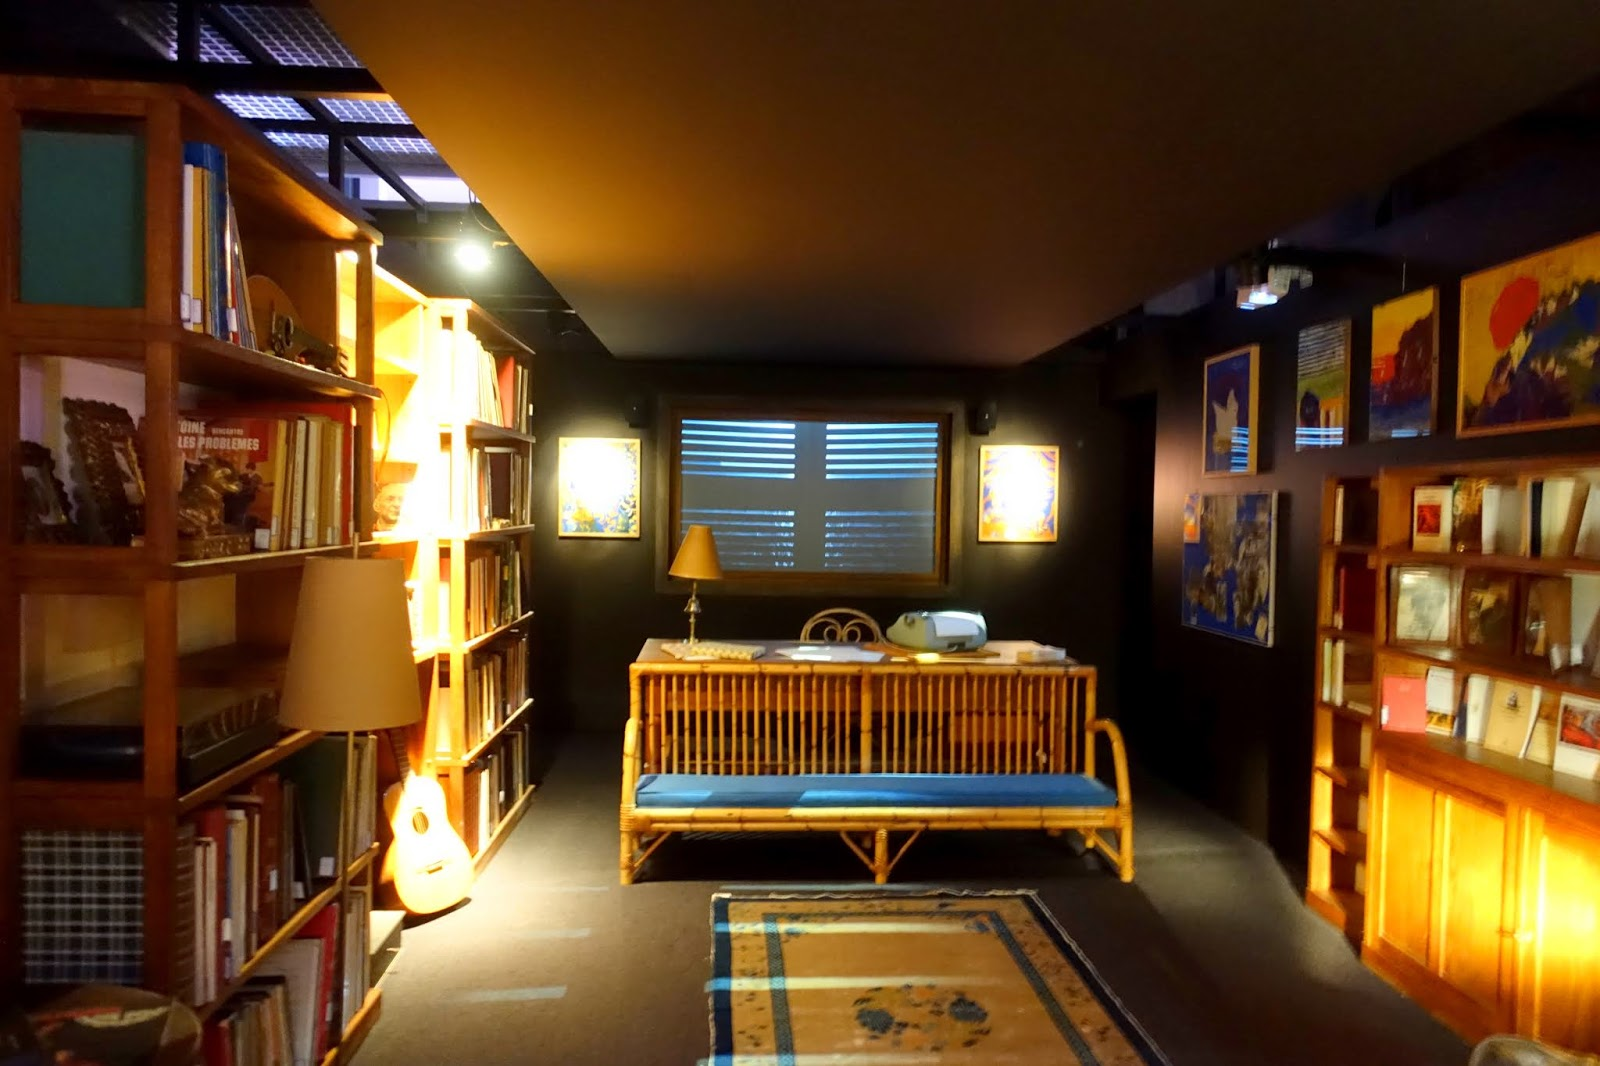 Stanza Studio In Casa rome the second time: elsa morante's room - a glimpse into